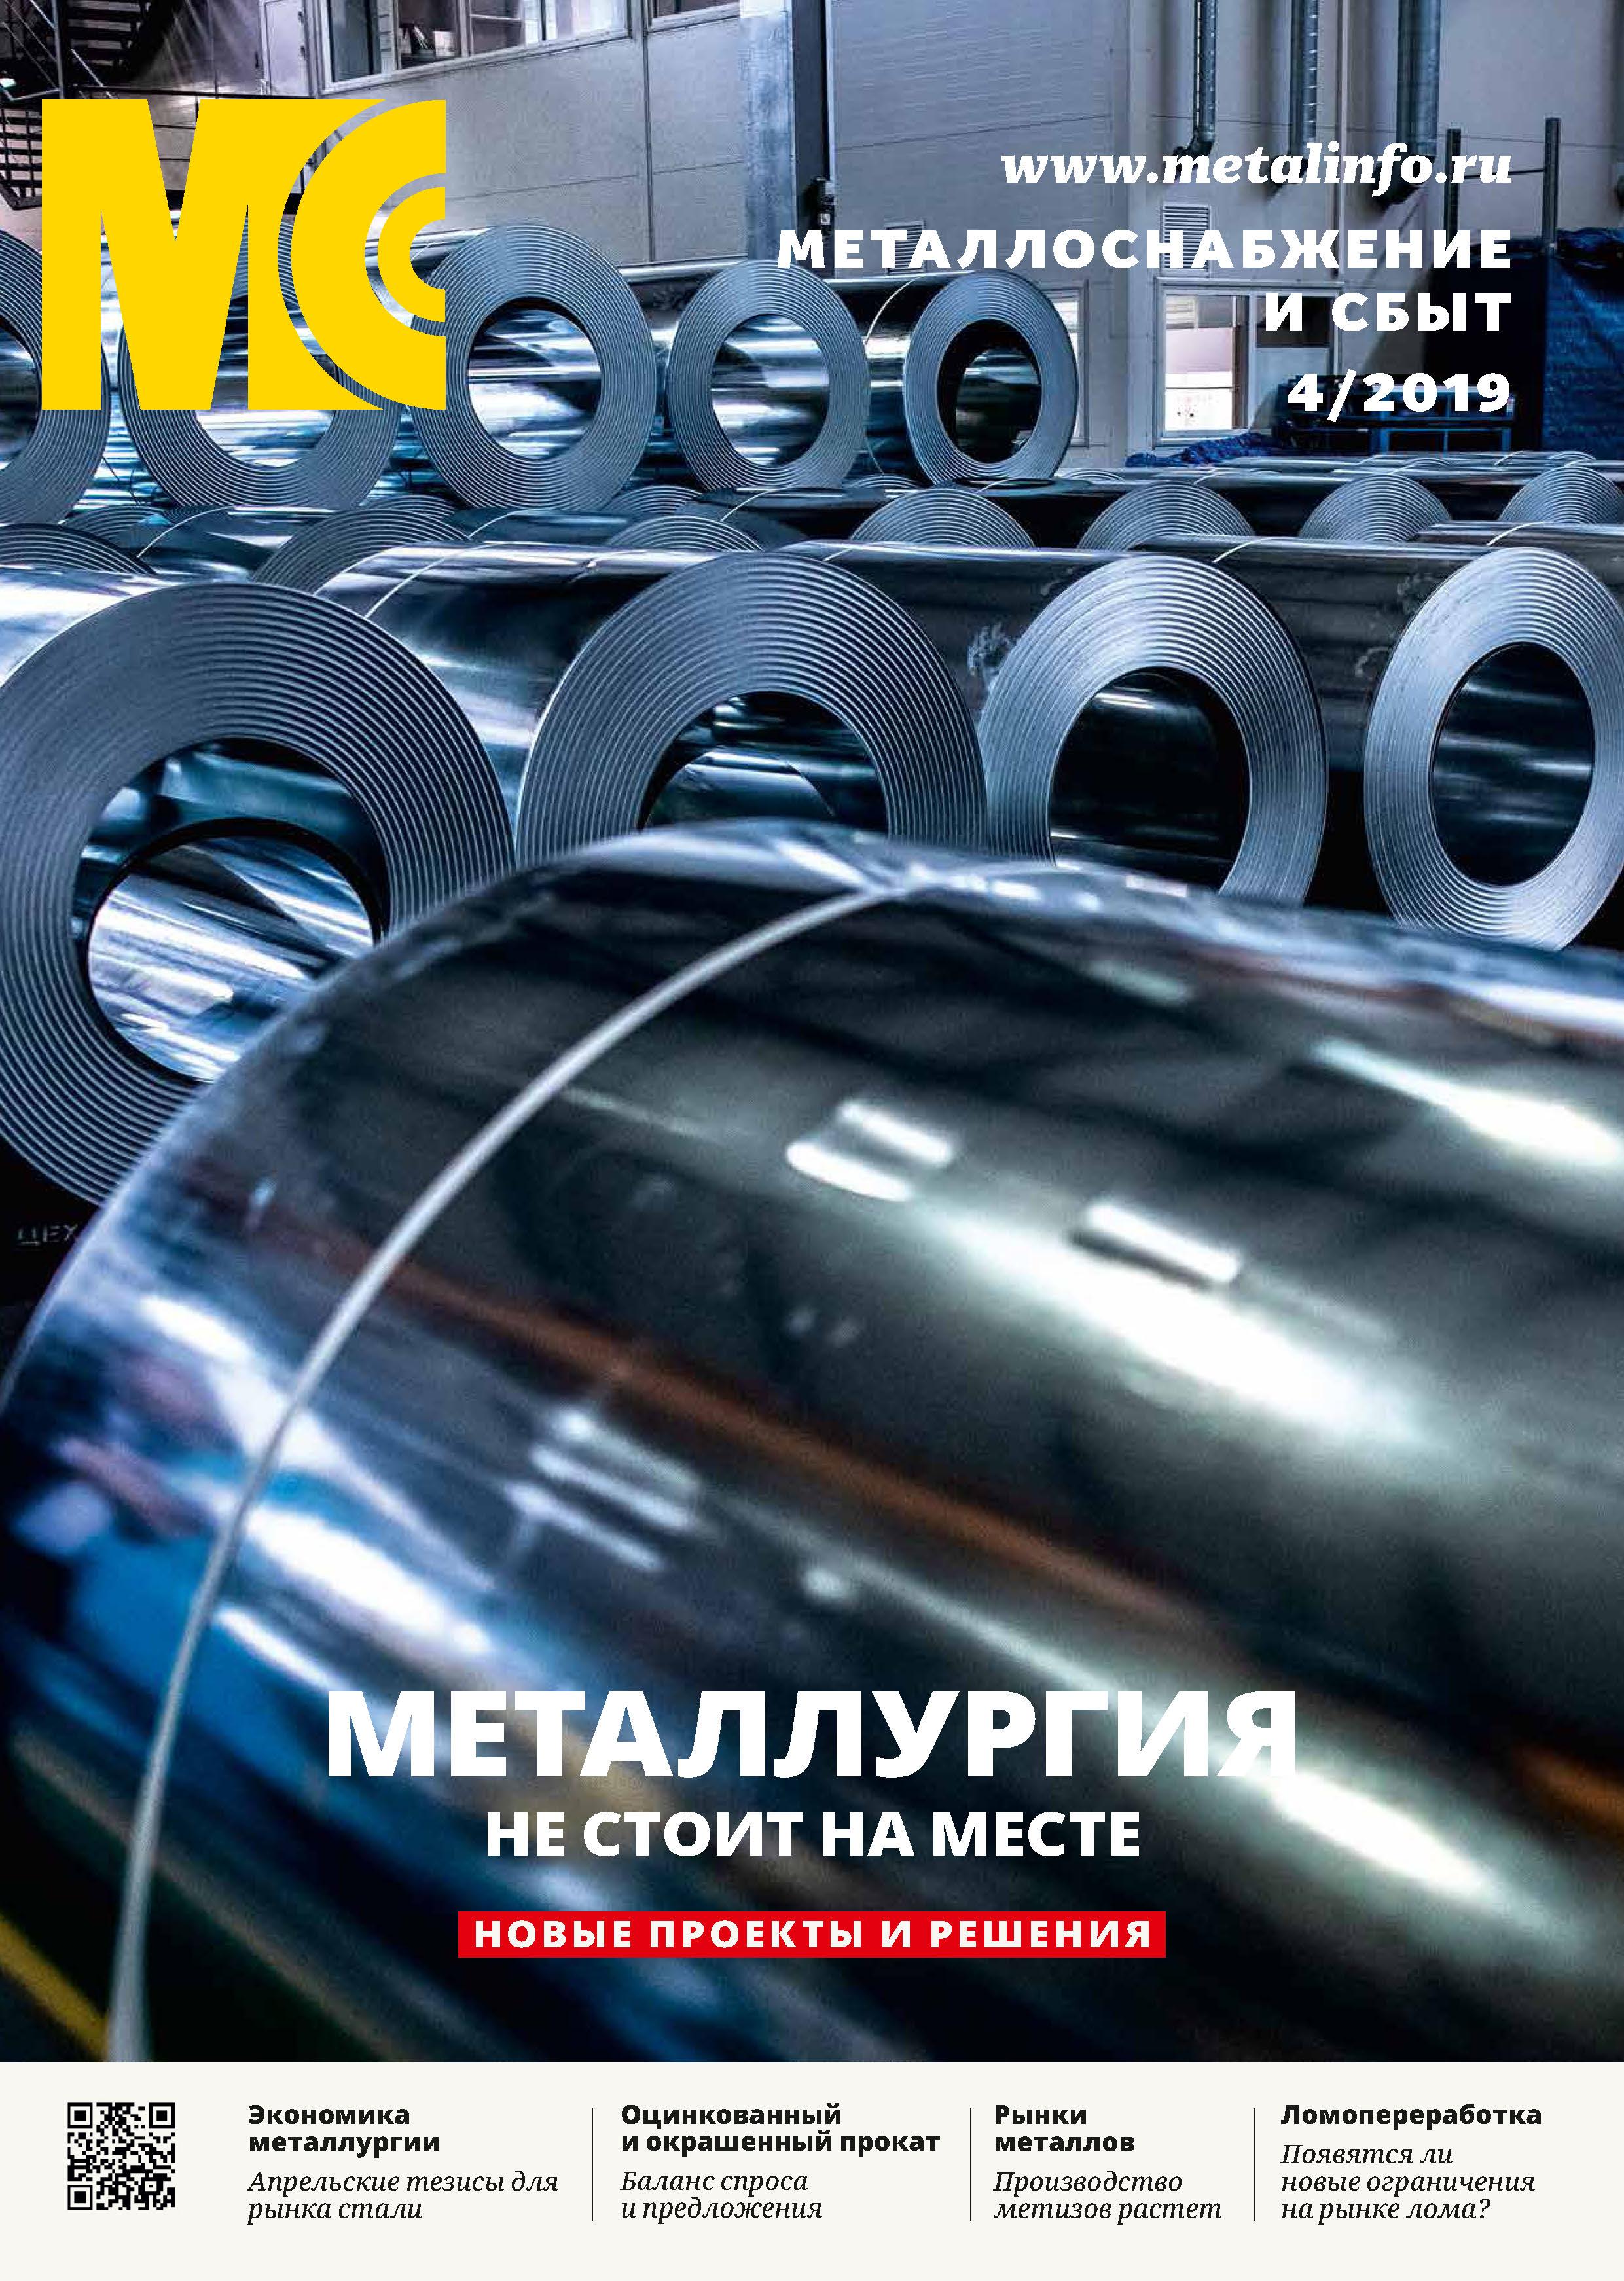 Металлоснабжение и сбыт №04/2019